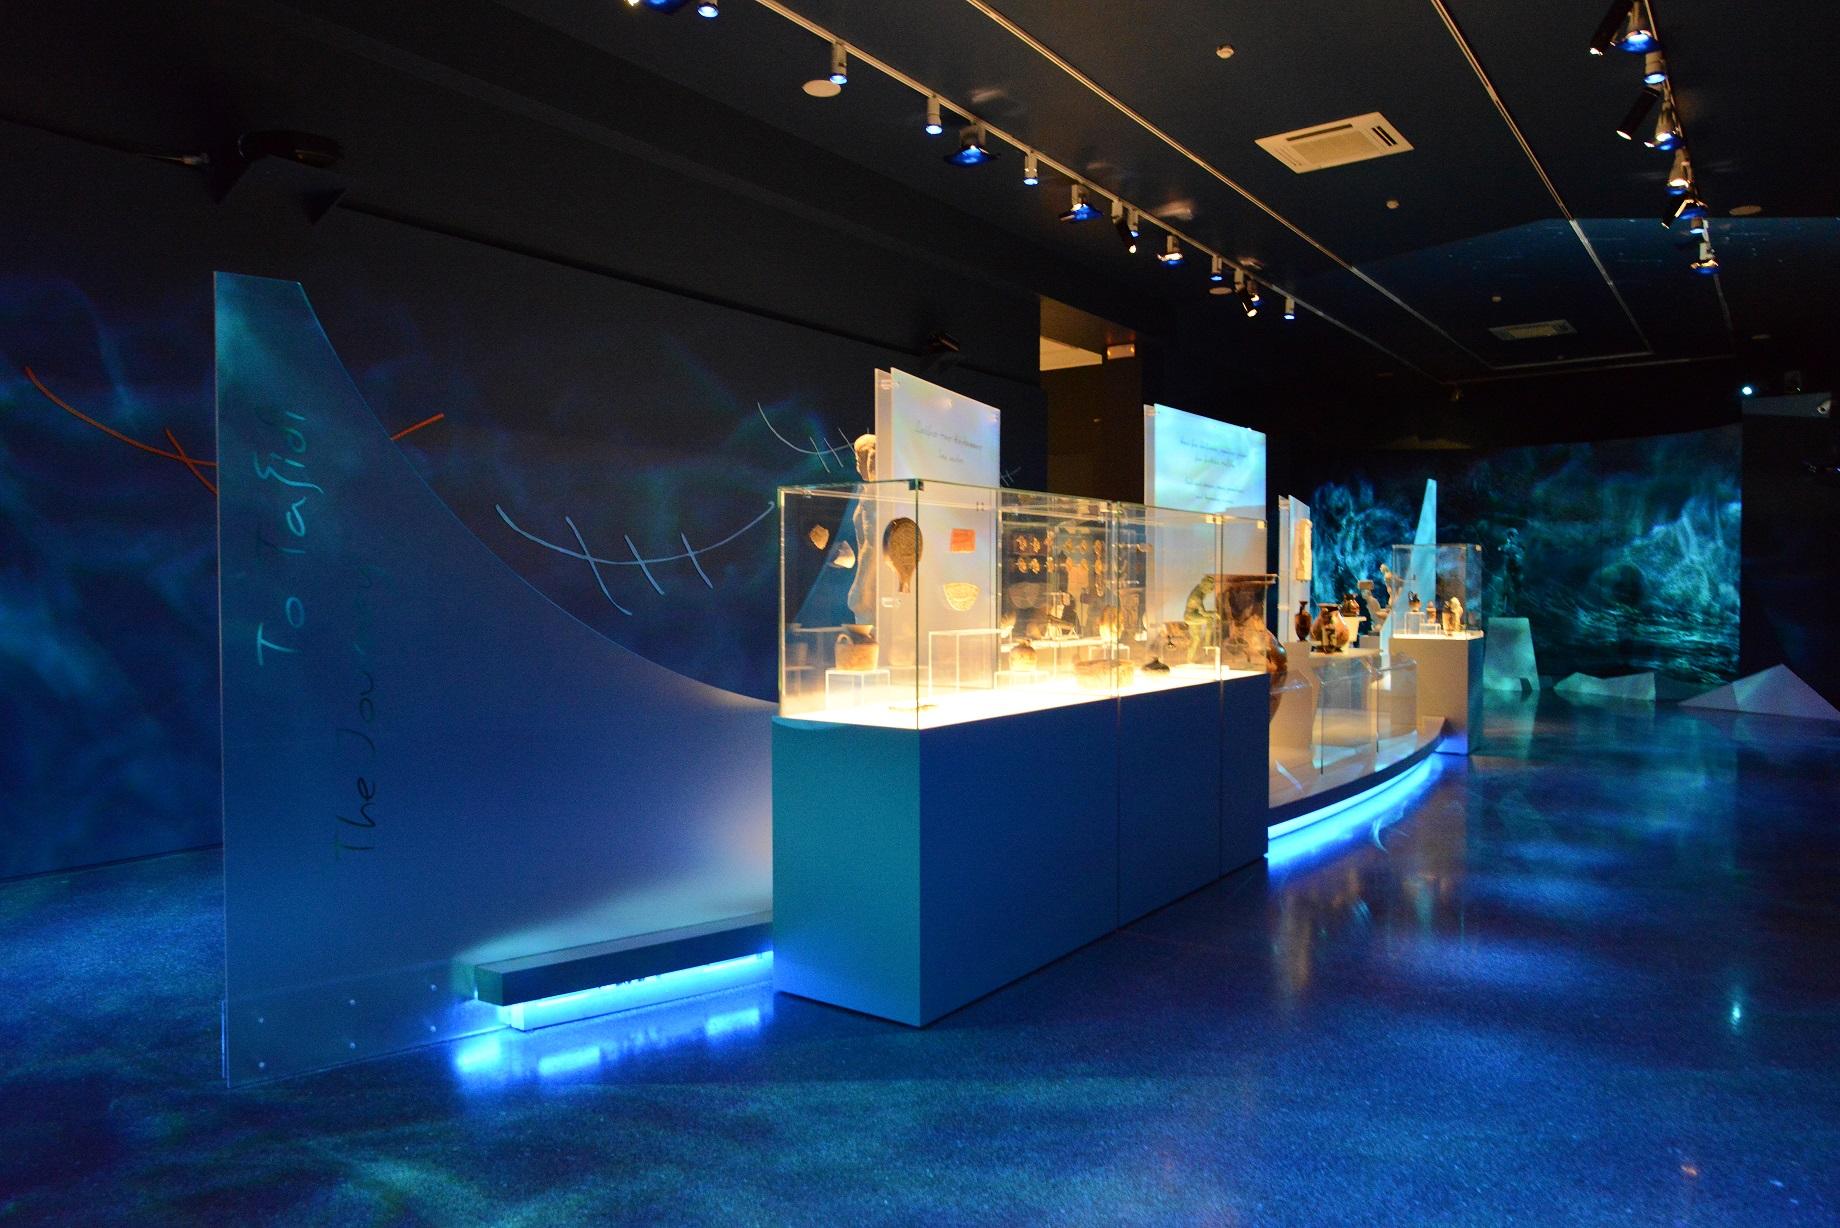 Θεματικό άξονας «Το ταξίδι», έκθεση «Οδύσσειες», Εθνικό Αρχαιολογικό Μουσείο